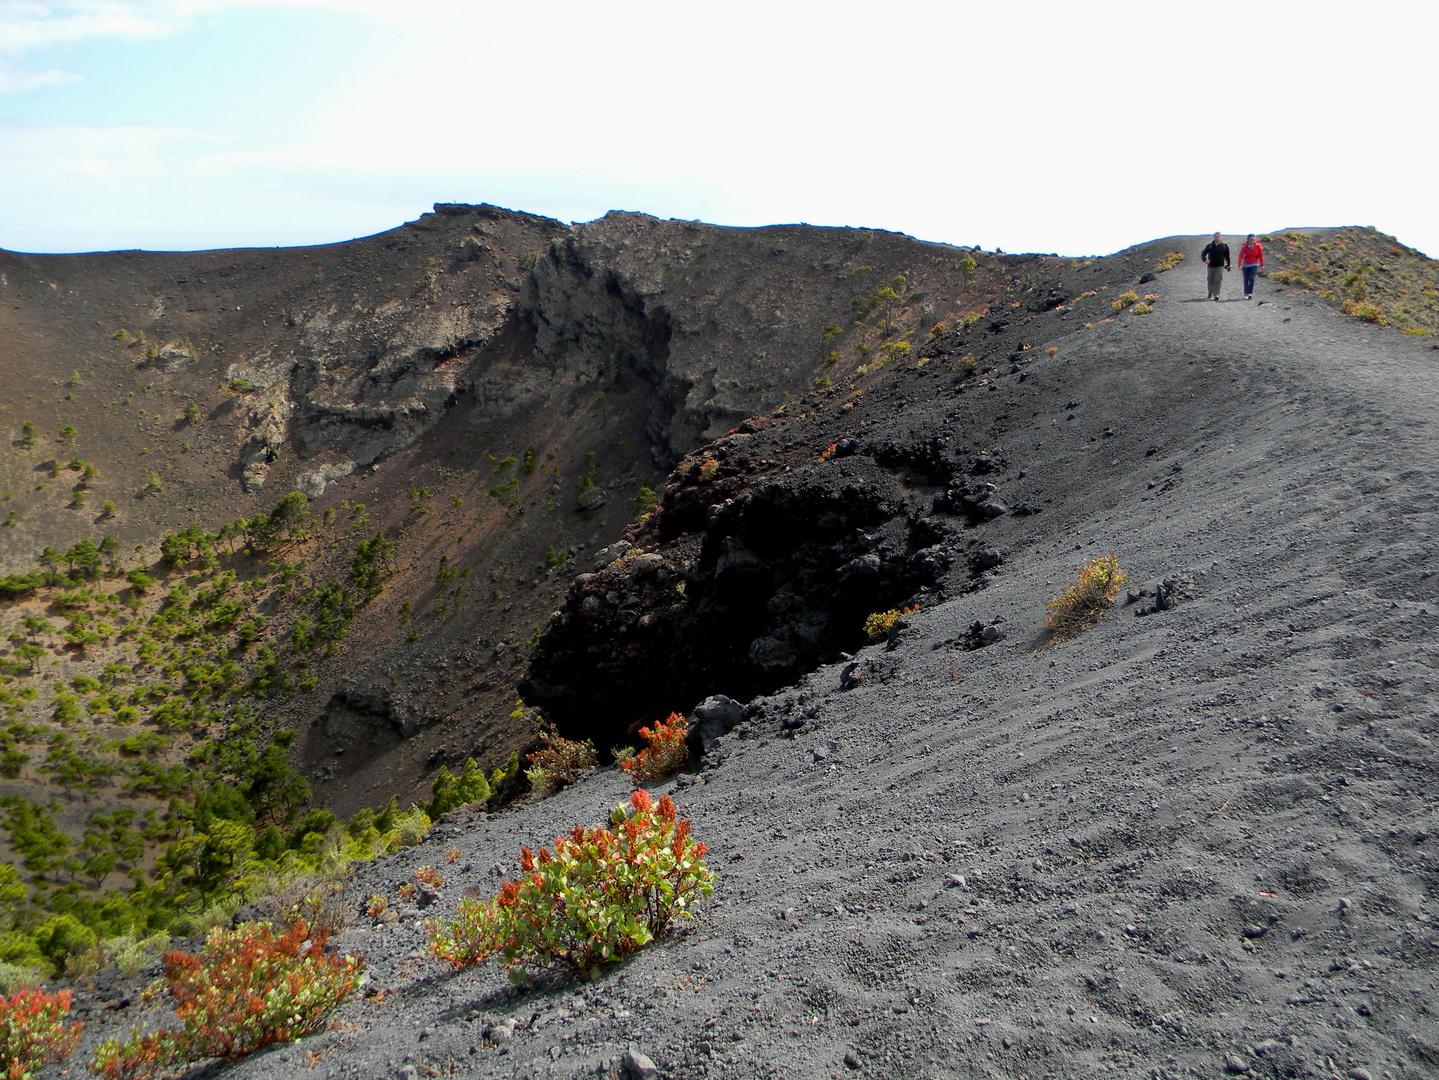 Fuencaliente - Vulkan San Antonio